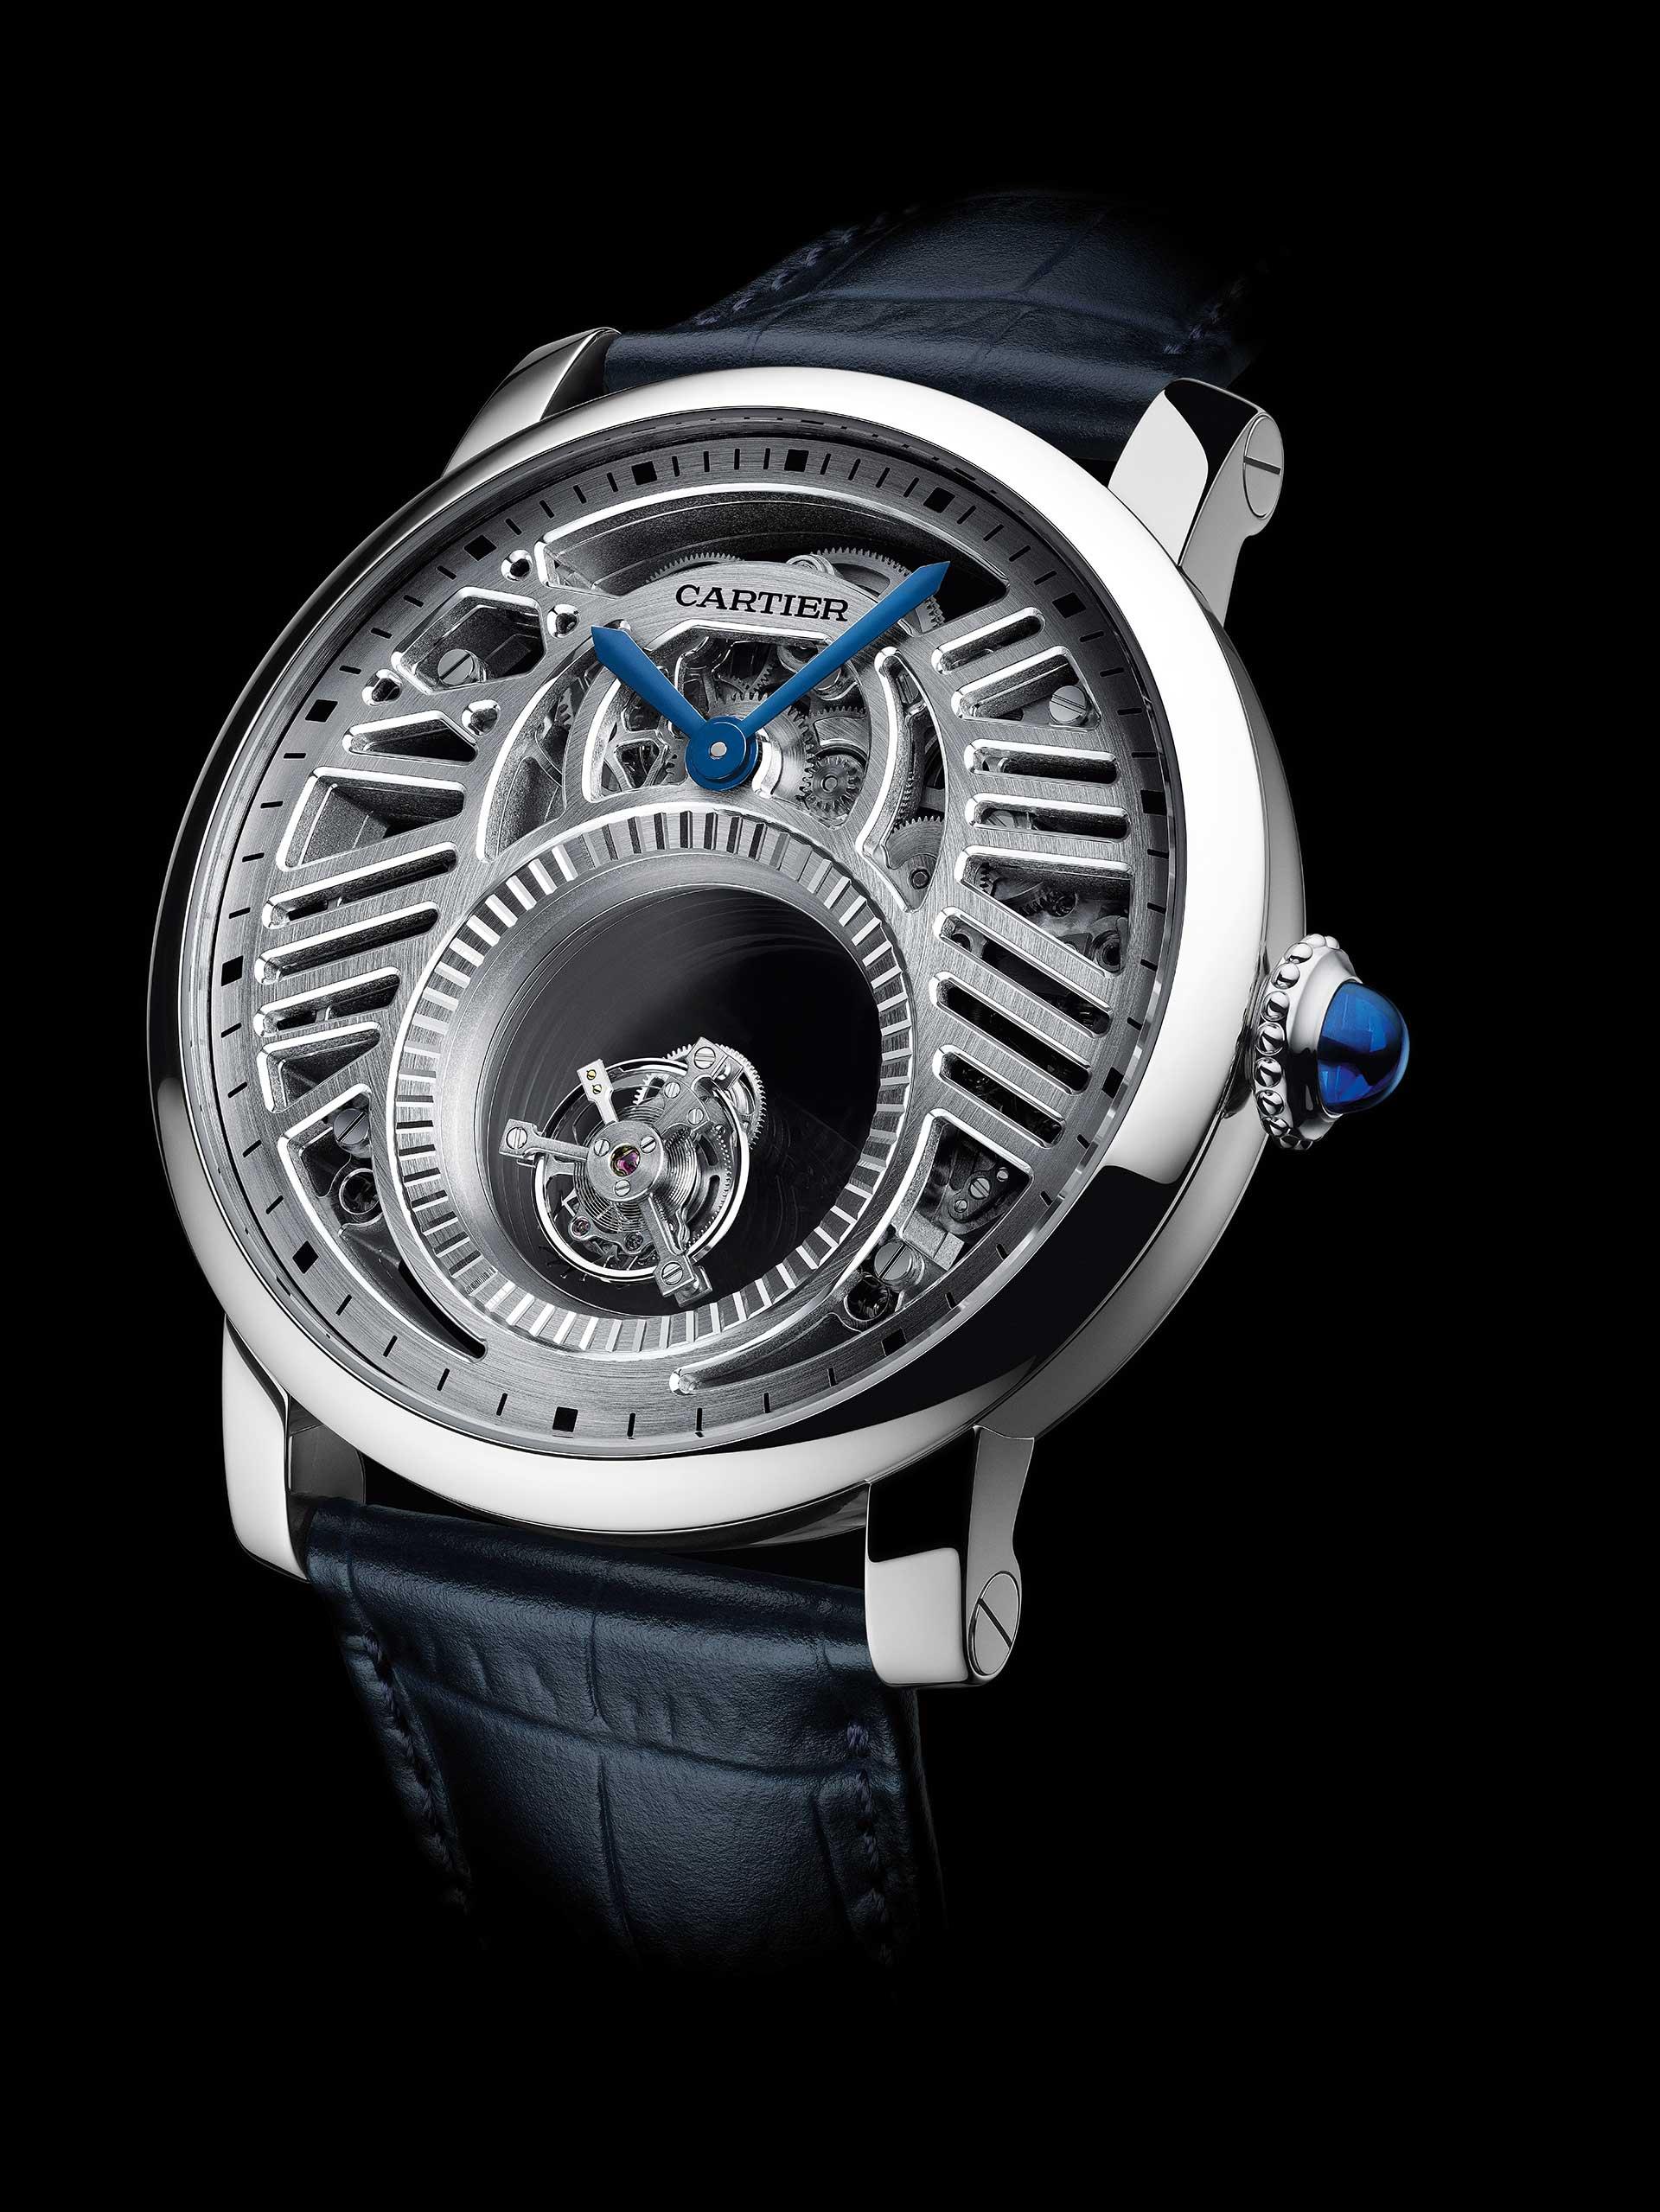 In den Cartier-Uhrenmodellen «Mystérieuse» dient Saphirglas als unsichtbare Tourbillonbrücken